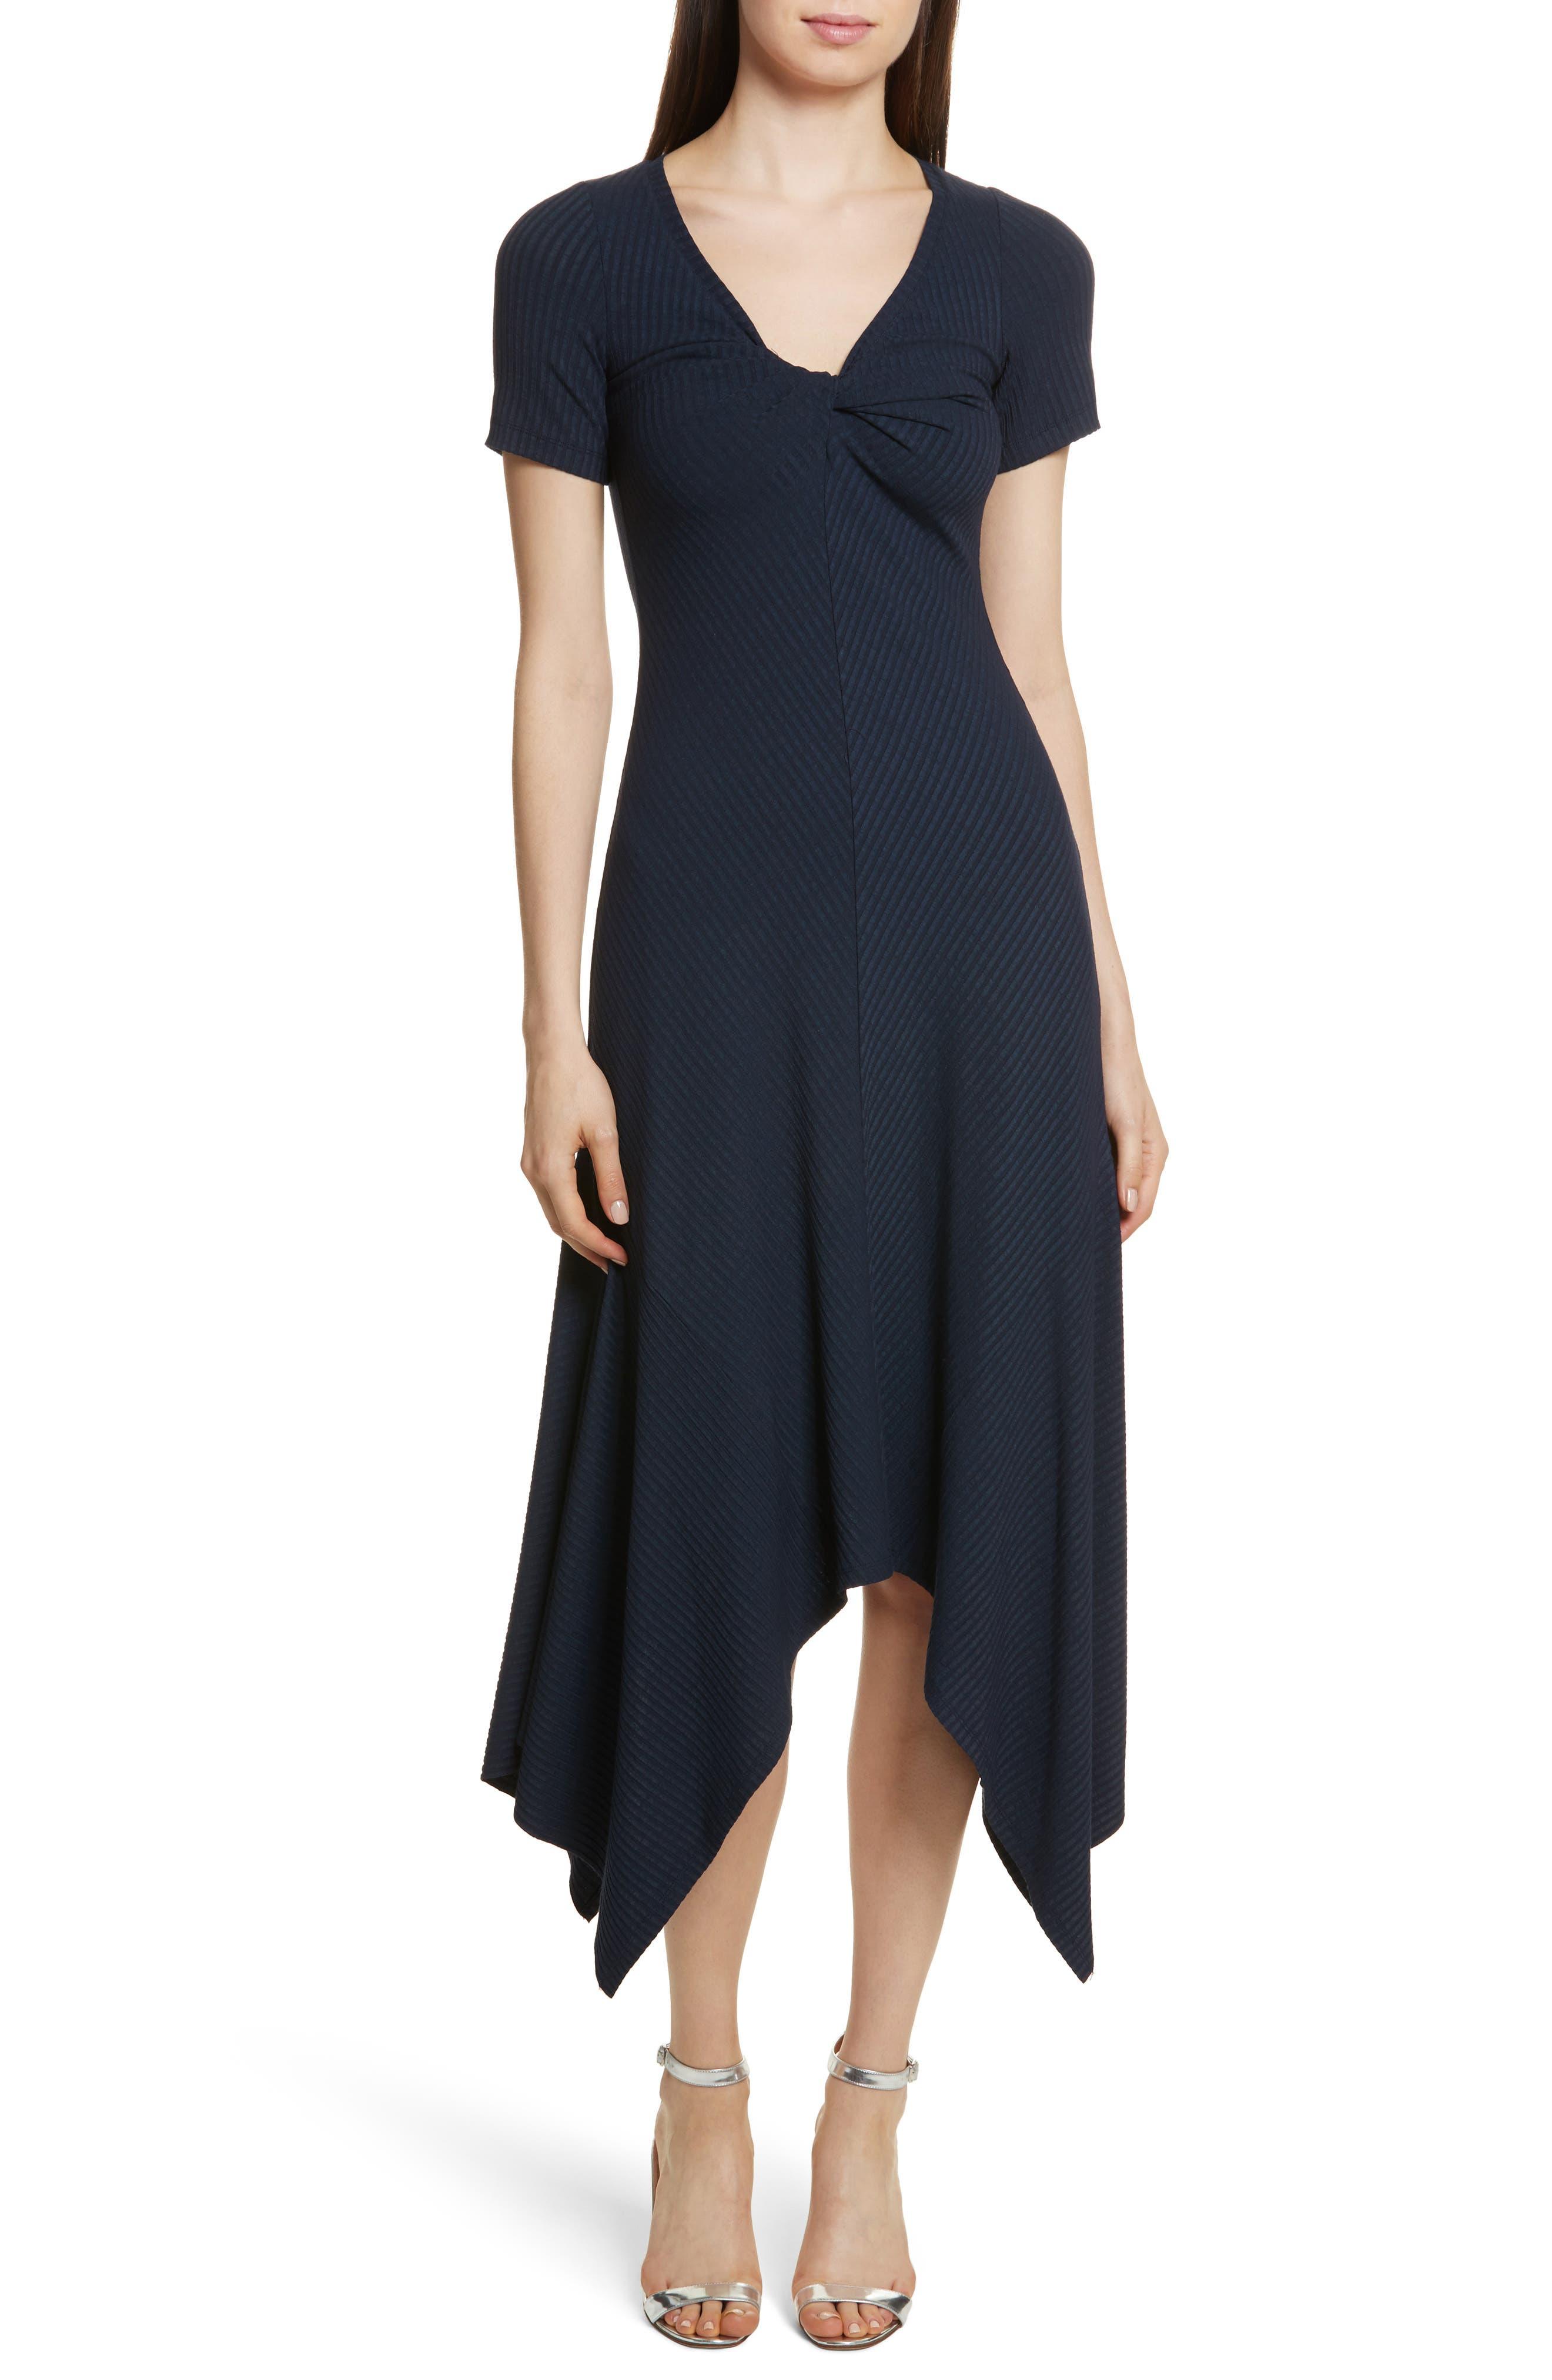 Main Image - A.L.C. Knotted Rib Knit Midi Dress